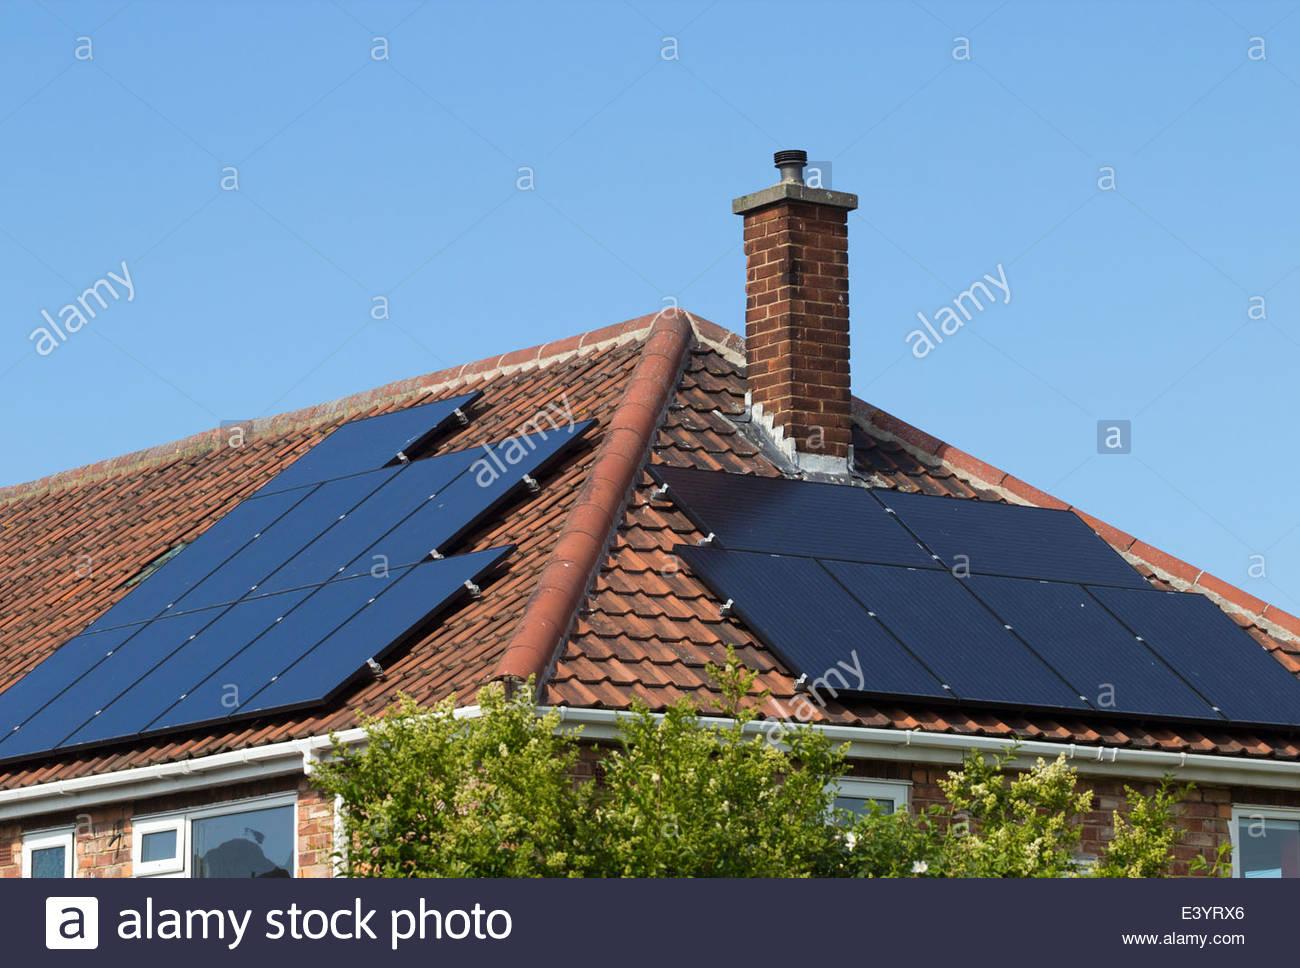 Paneles solares en el techo de la casa. UK Imagen De Stock